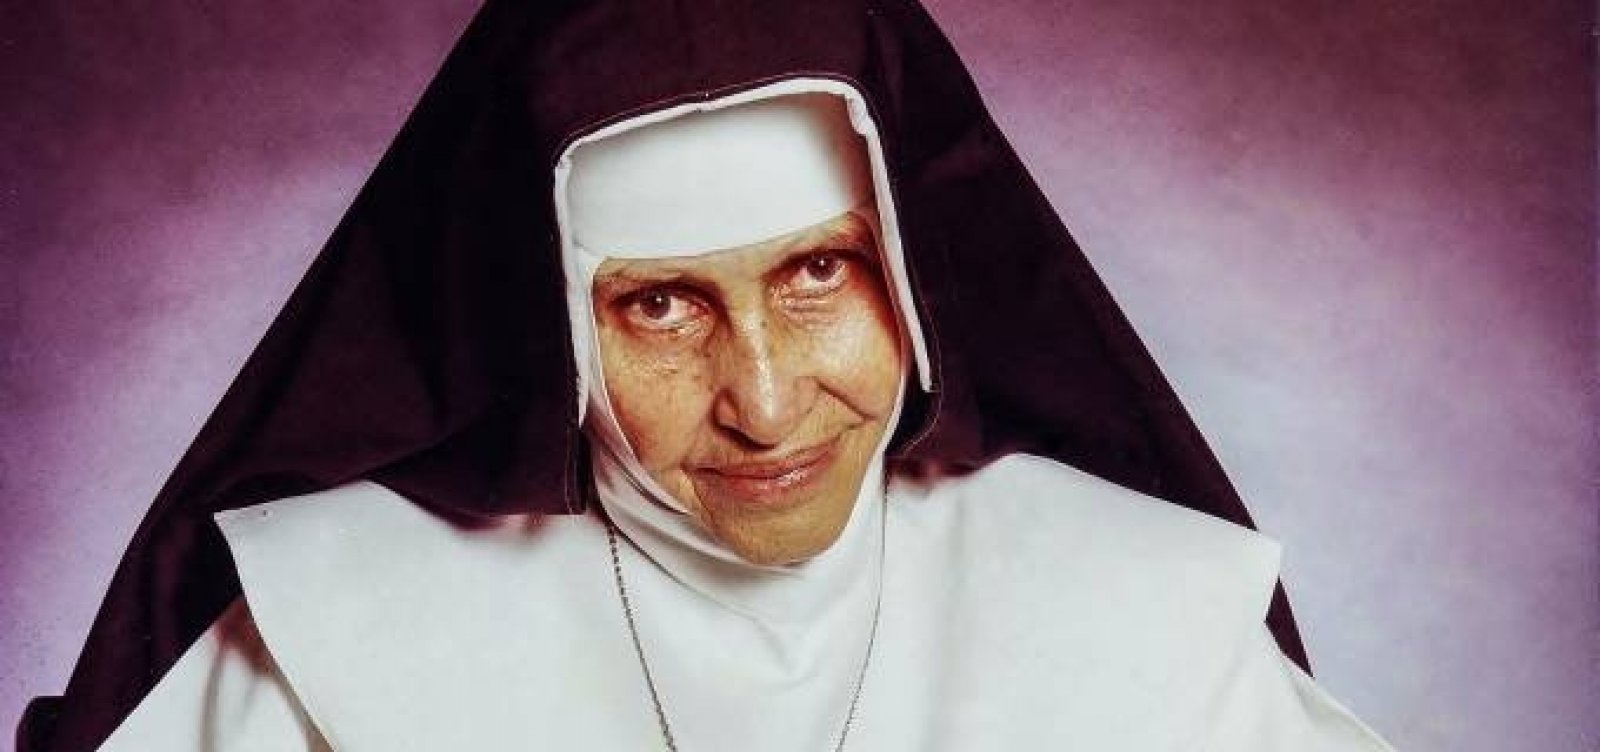 [Governador sanciona lei que declara 13 de outubro como Dia da Santa Irmã Dulce]